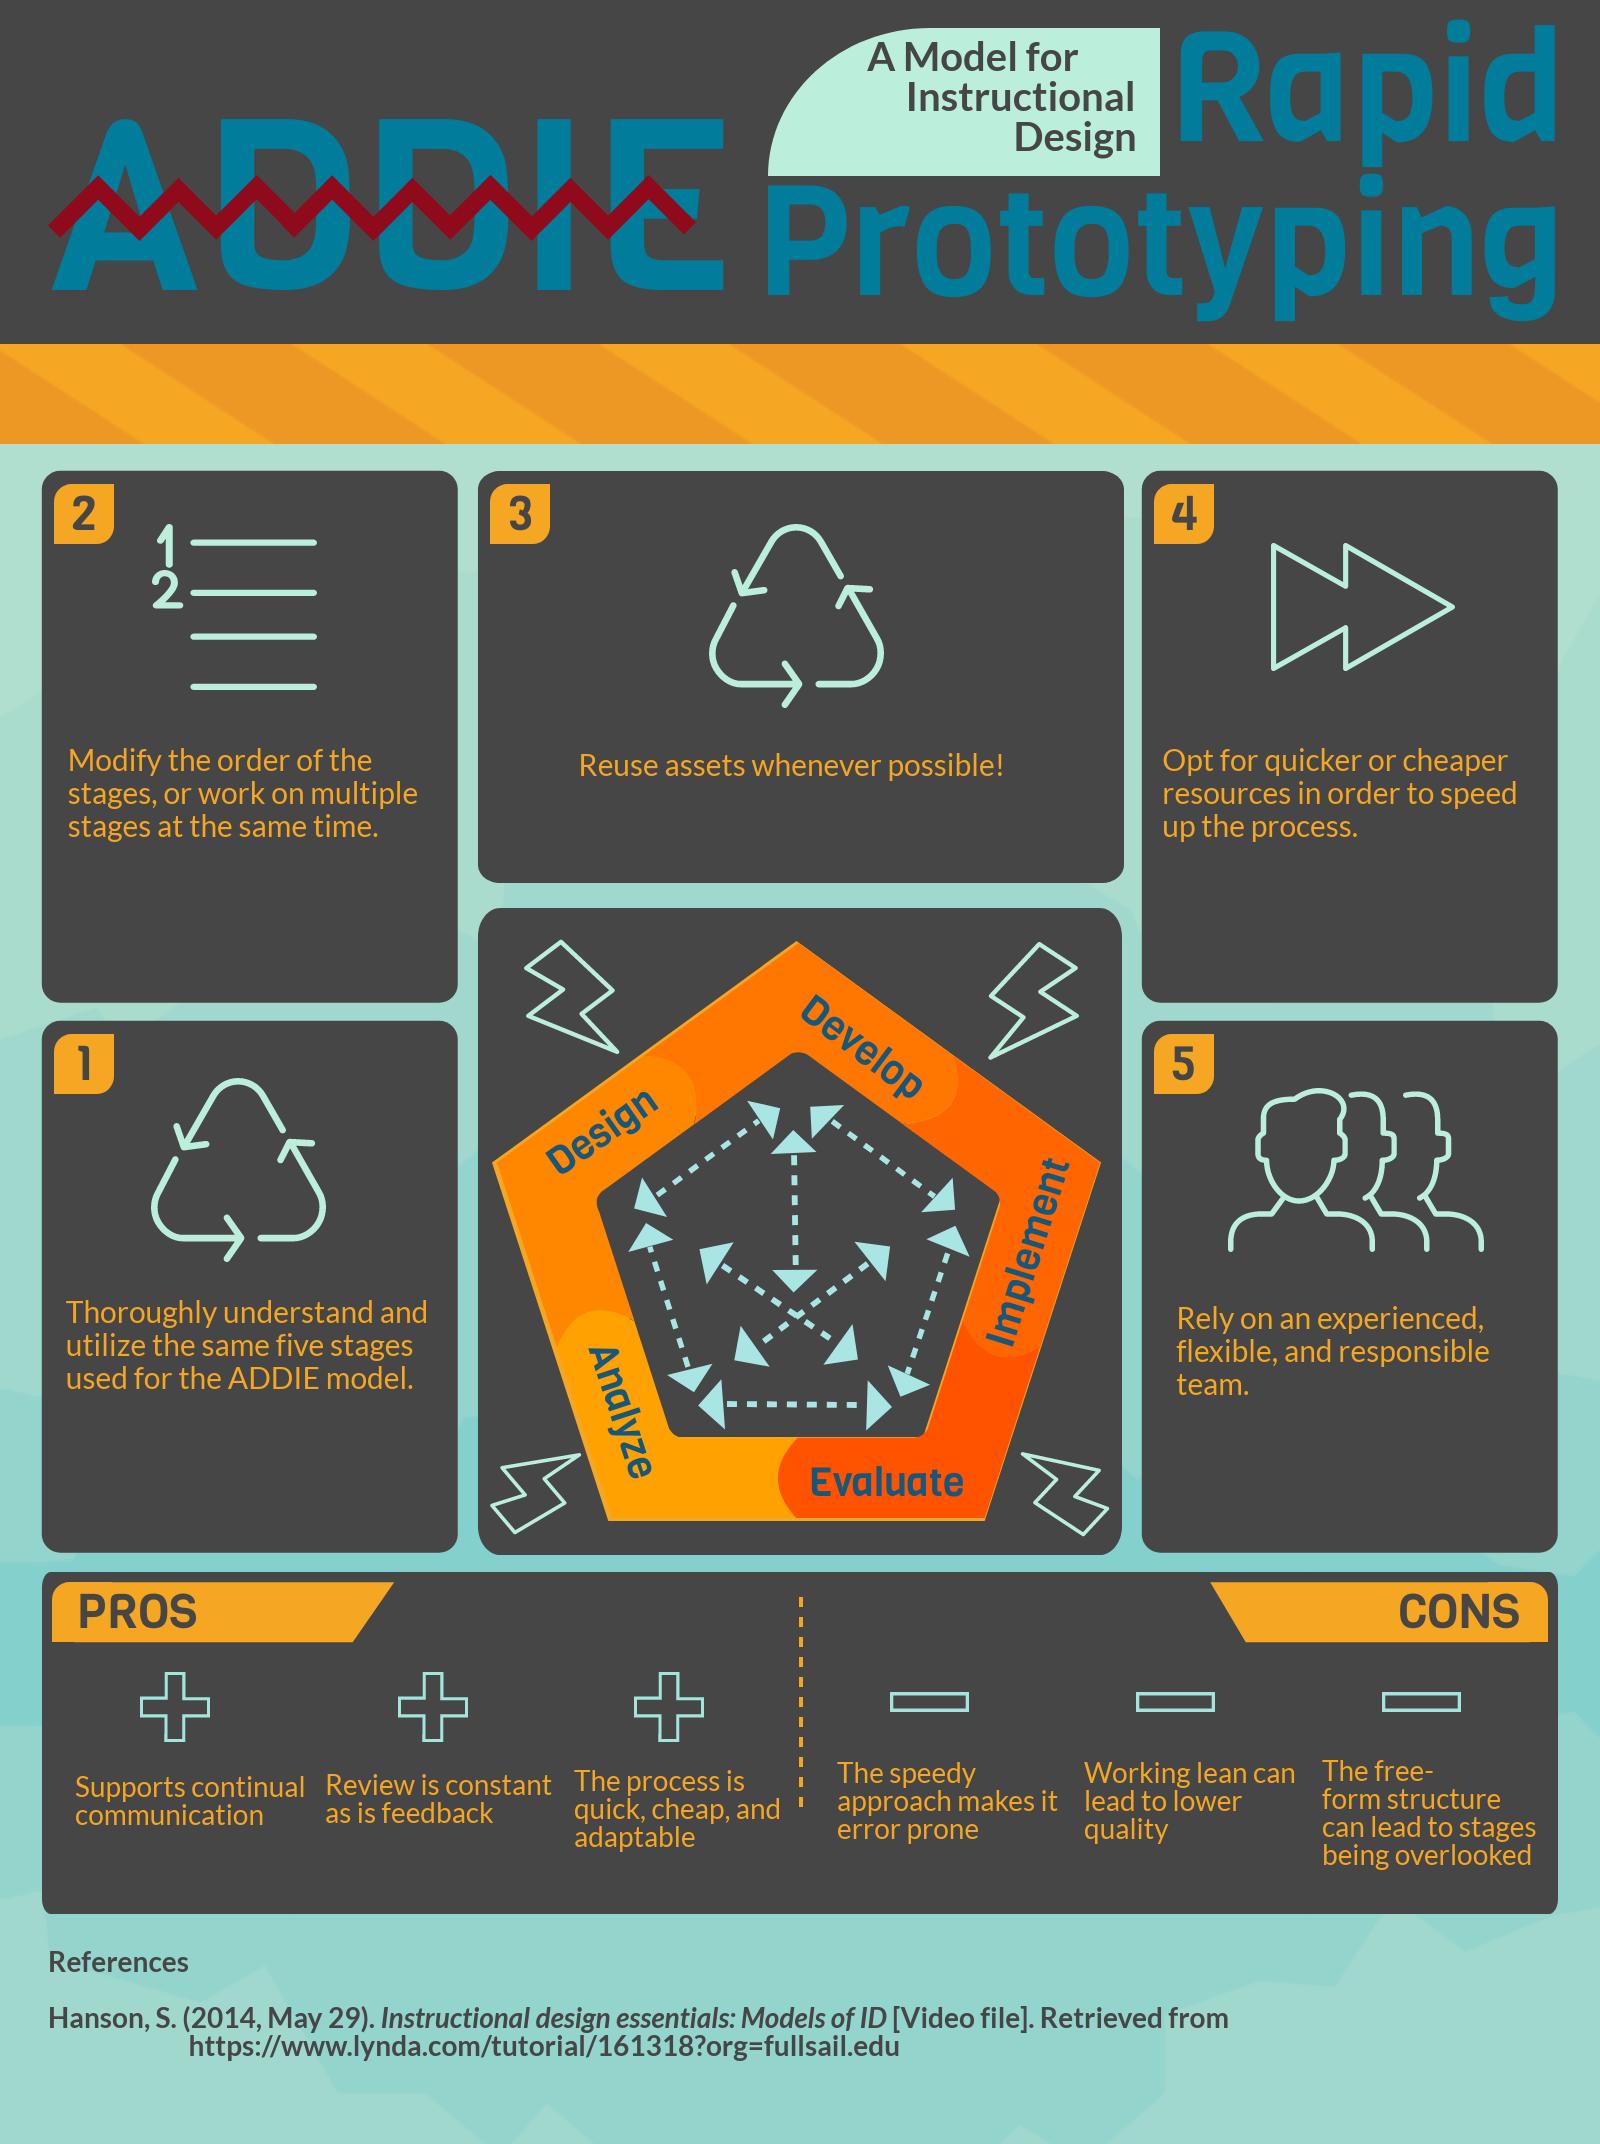 Devin Sova Instructional Design Models Infographic